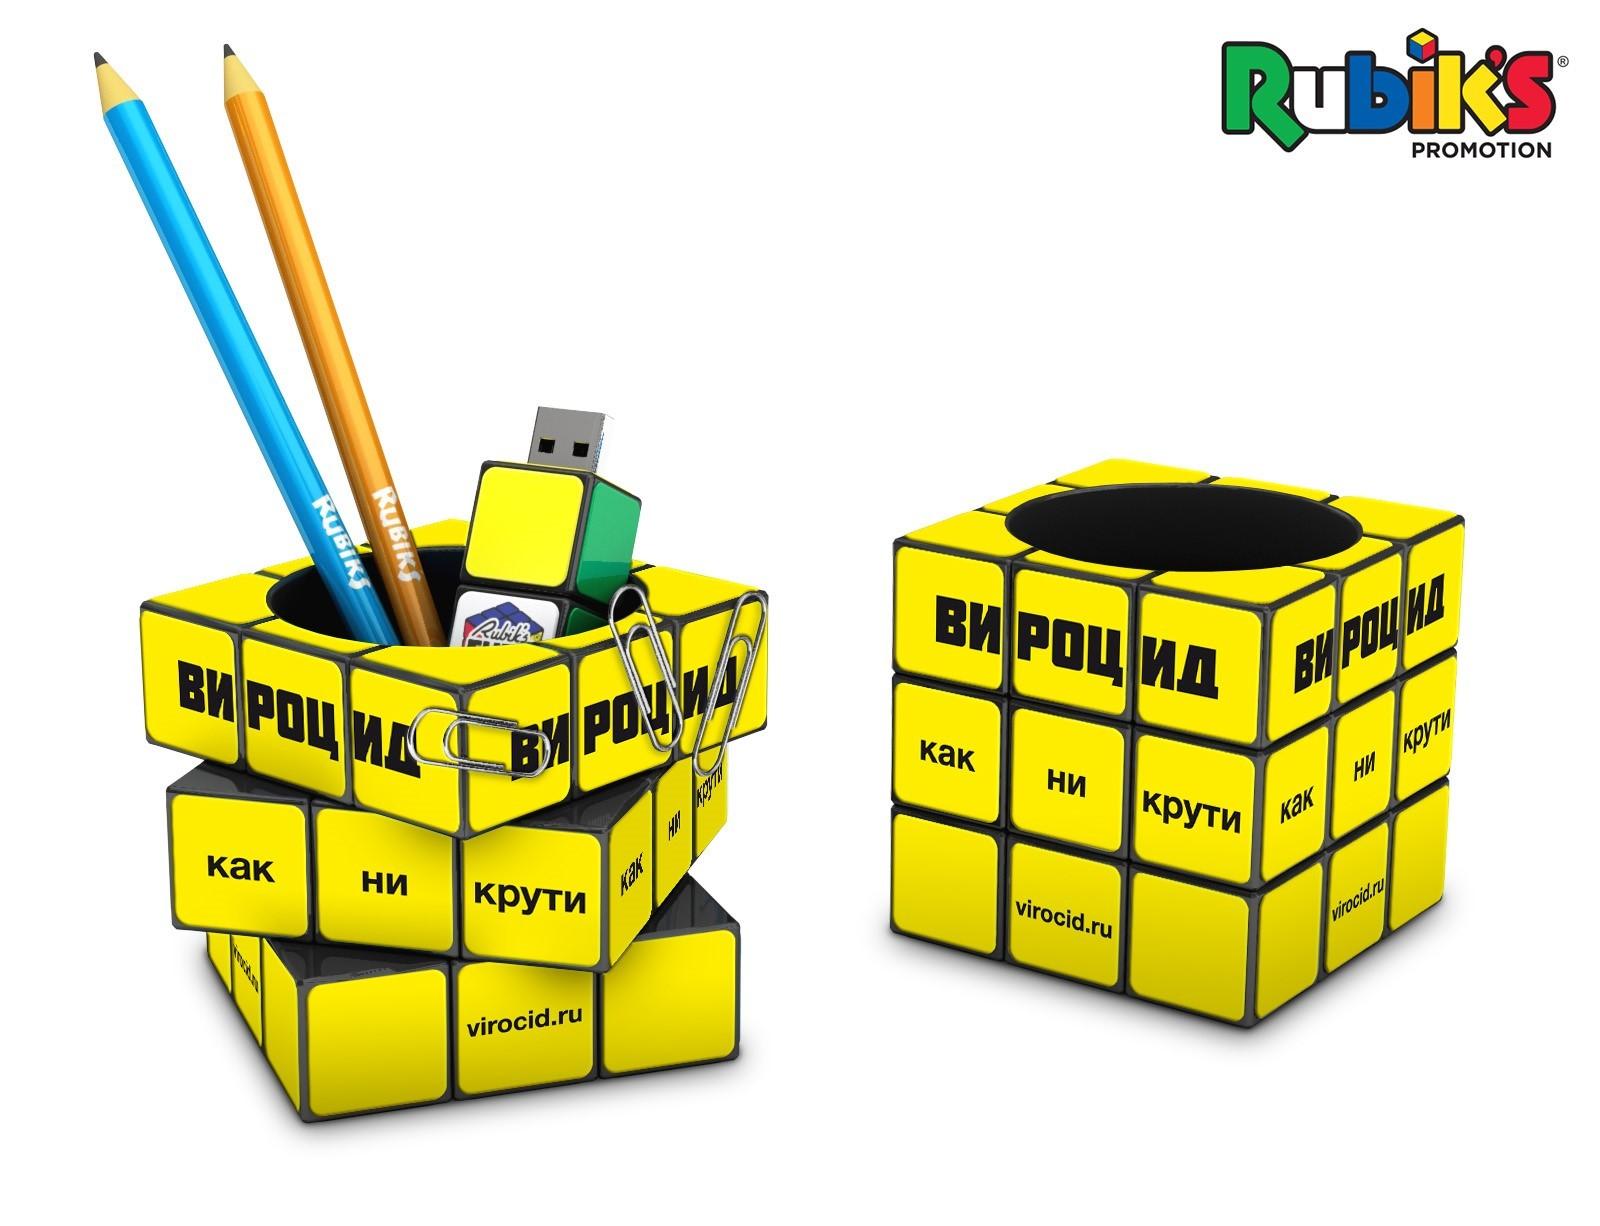 Rubik's Pot à Crayons - 31-1005-3